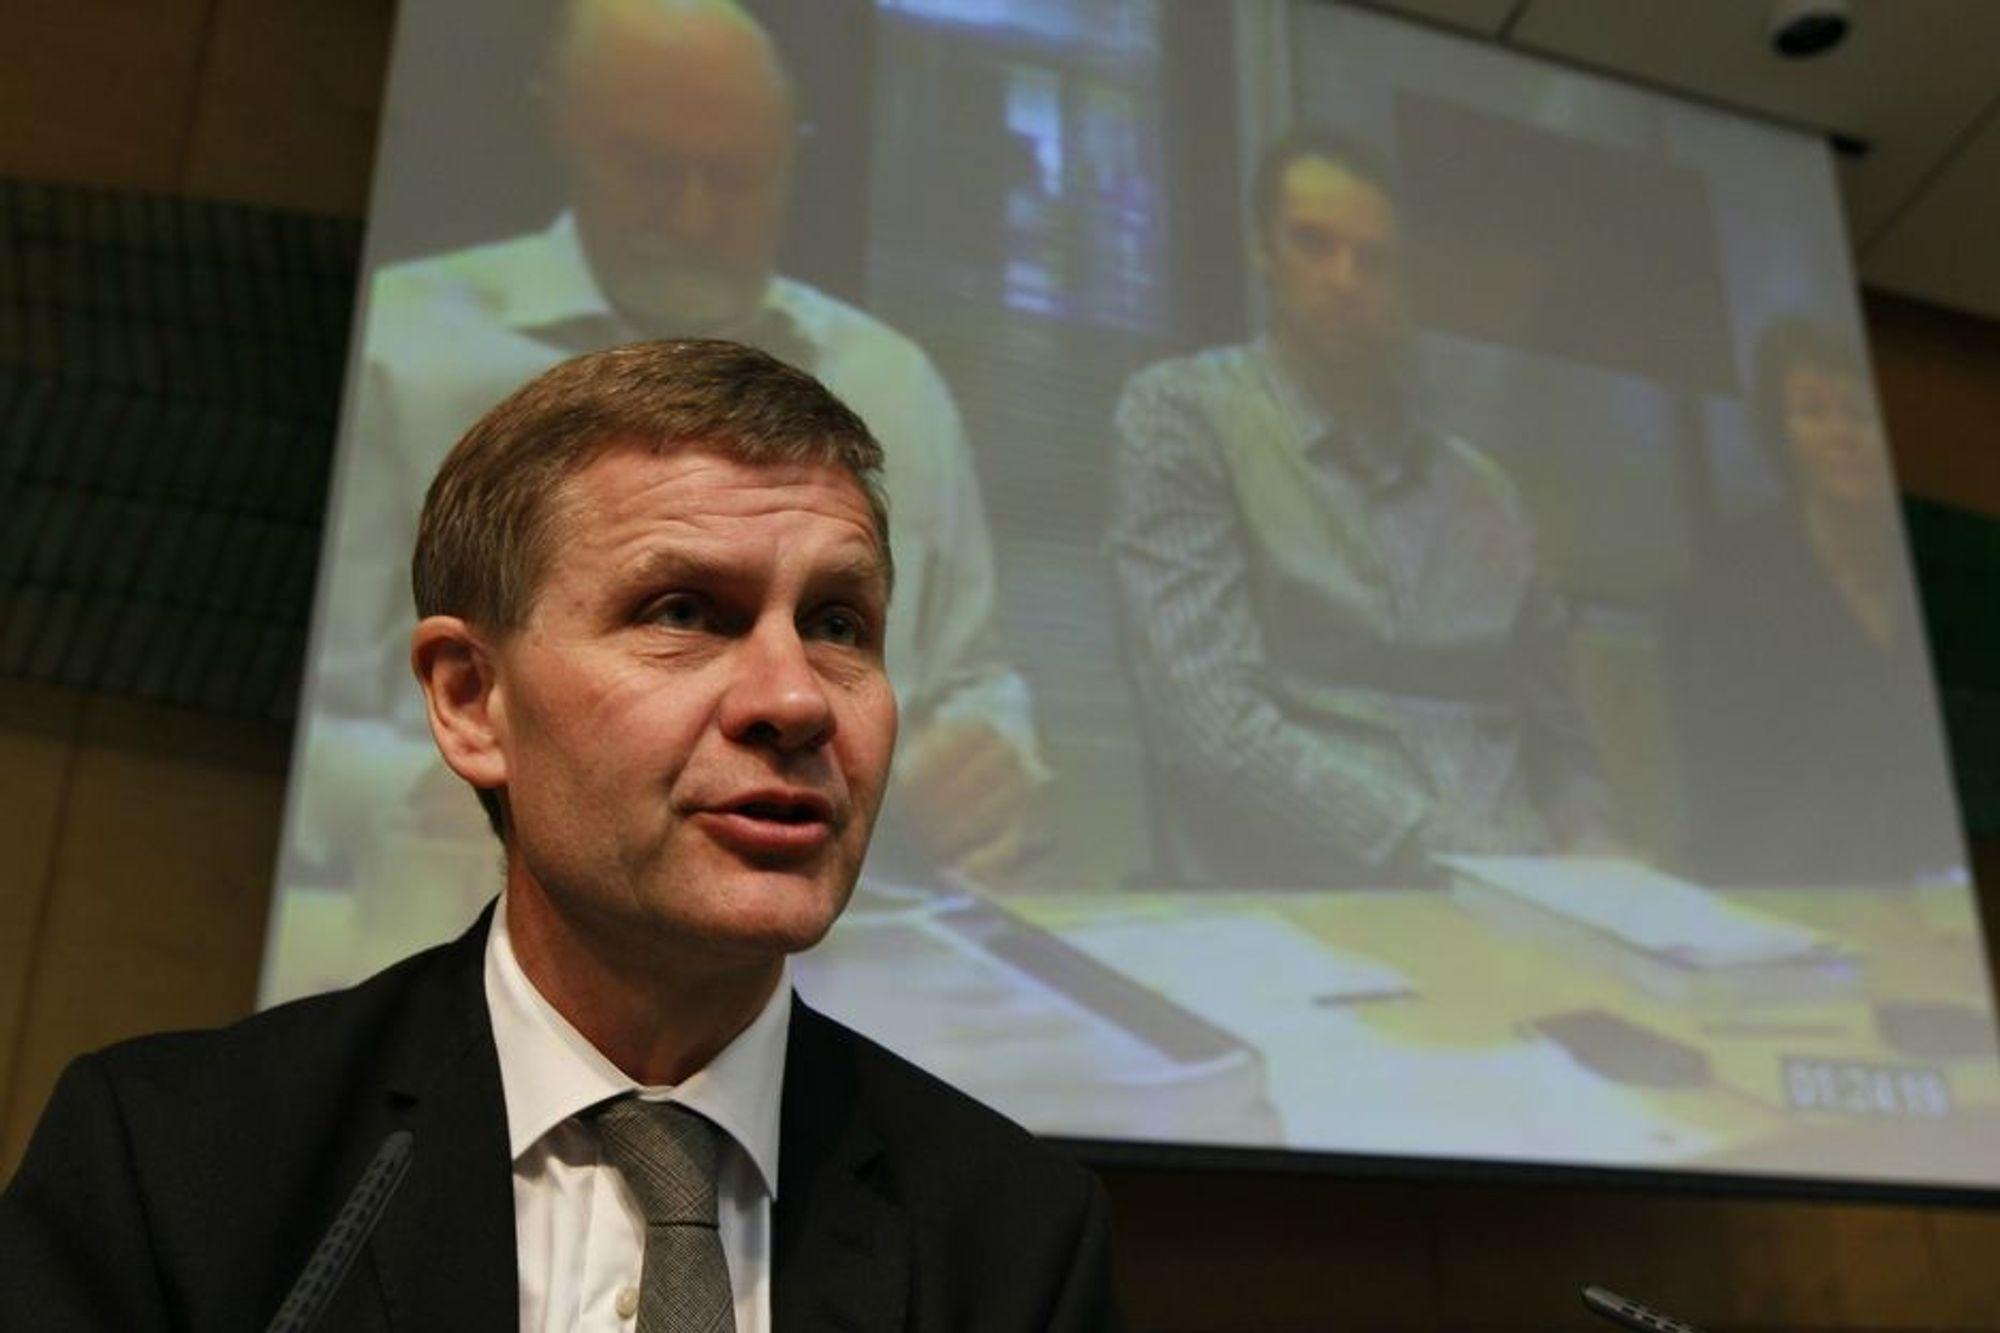 Miljøvernminister Erik Solheim sier det er umulig å forby lavinnblanding av biodrivstoff.